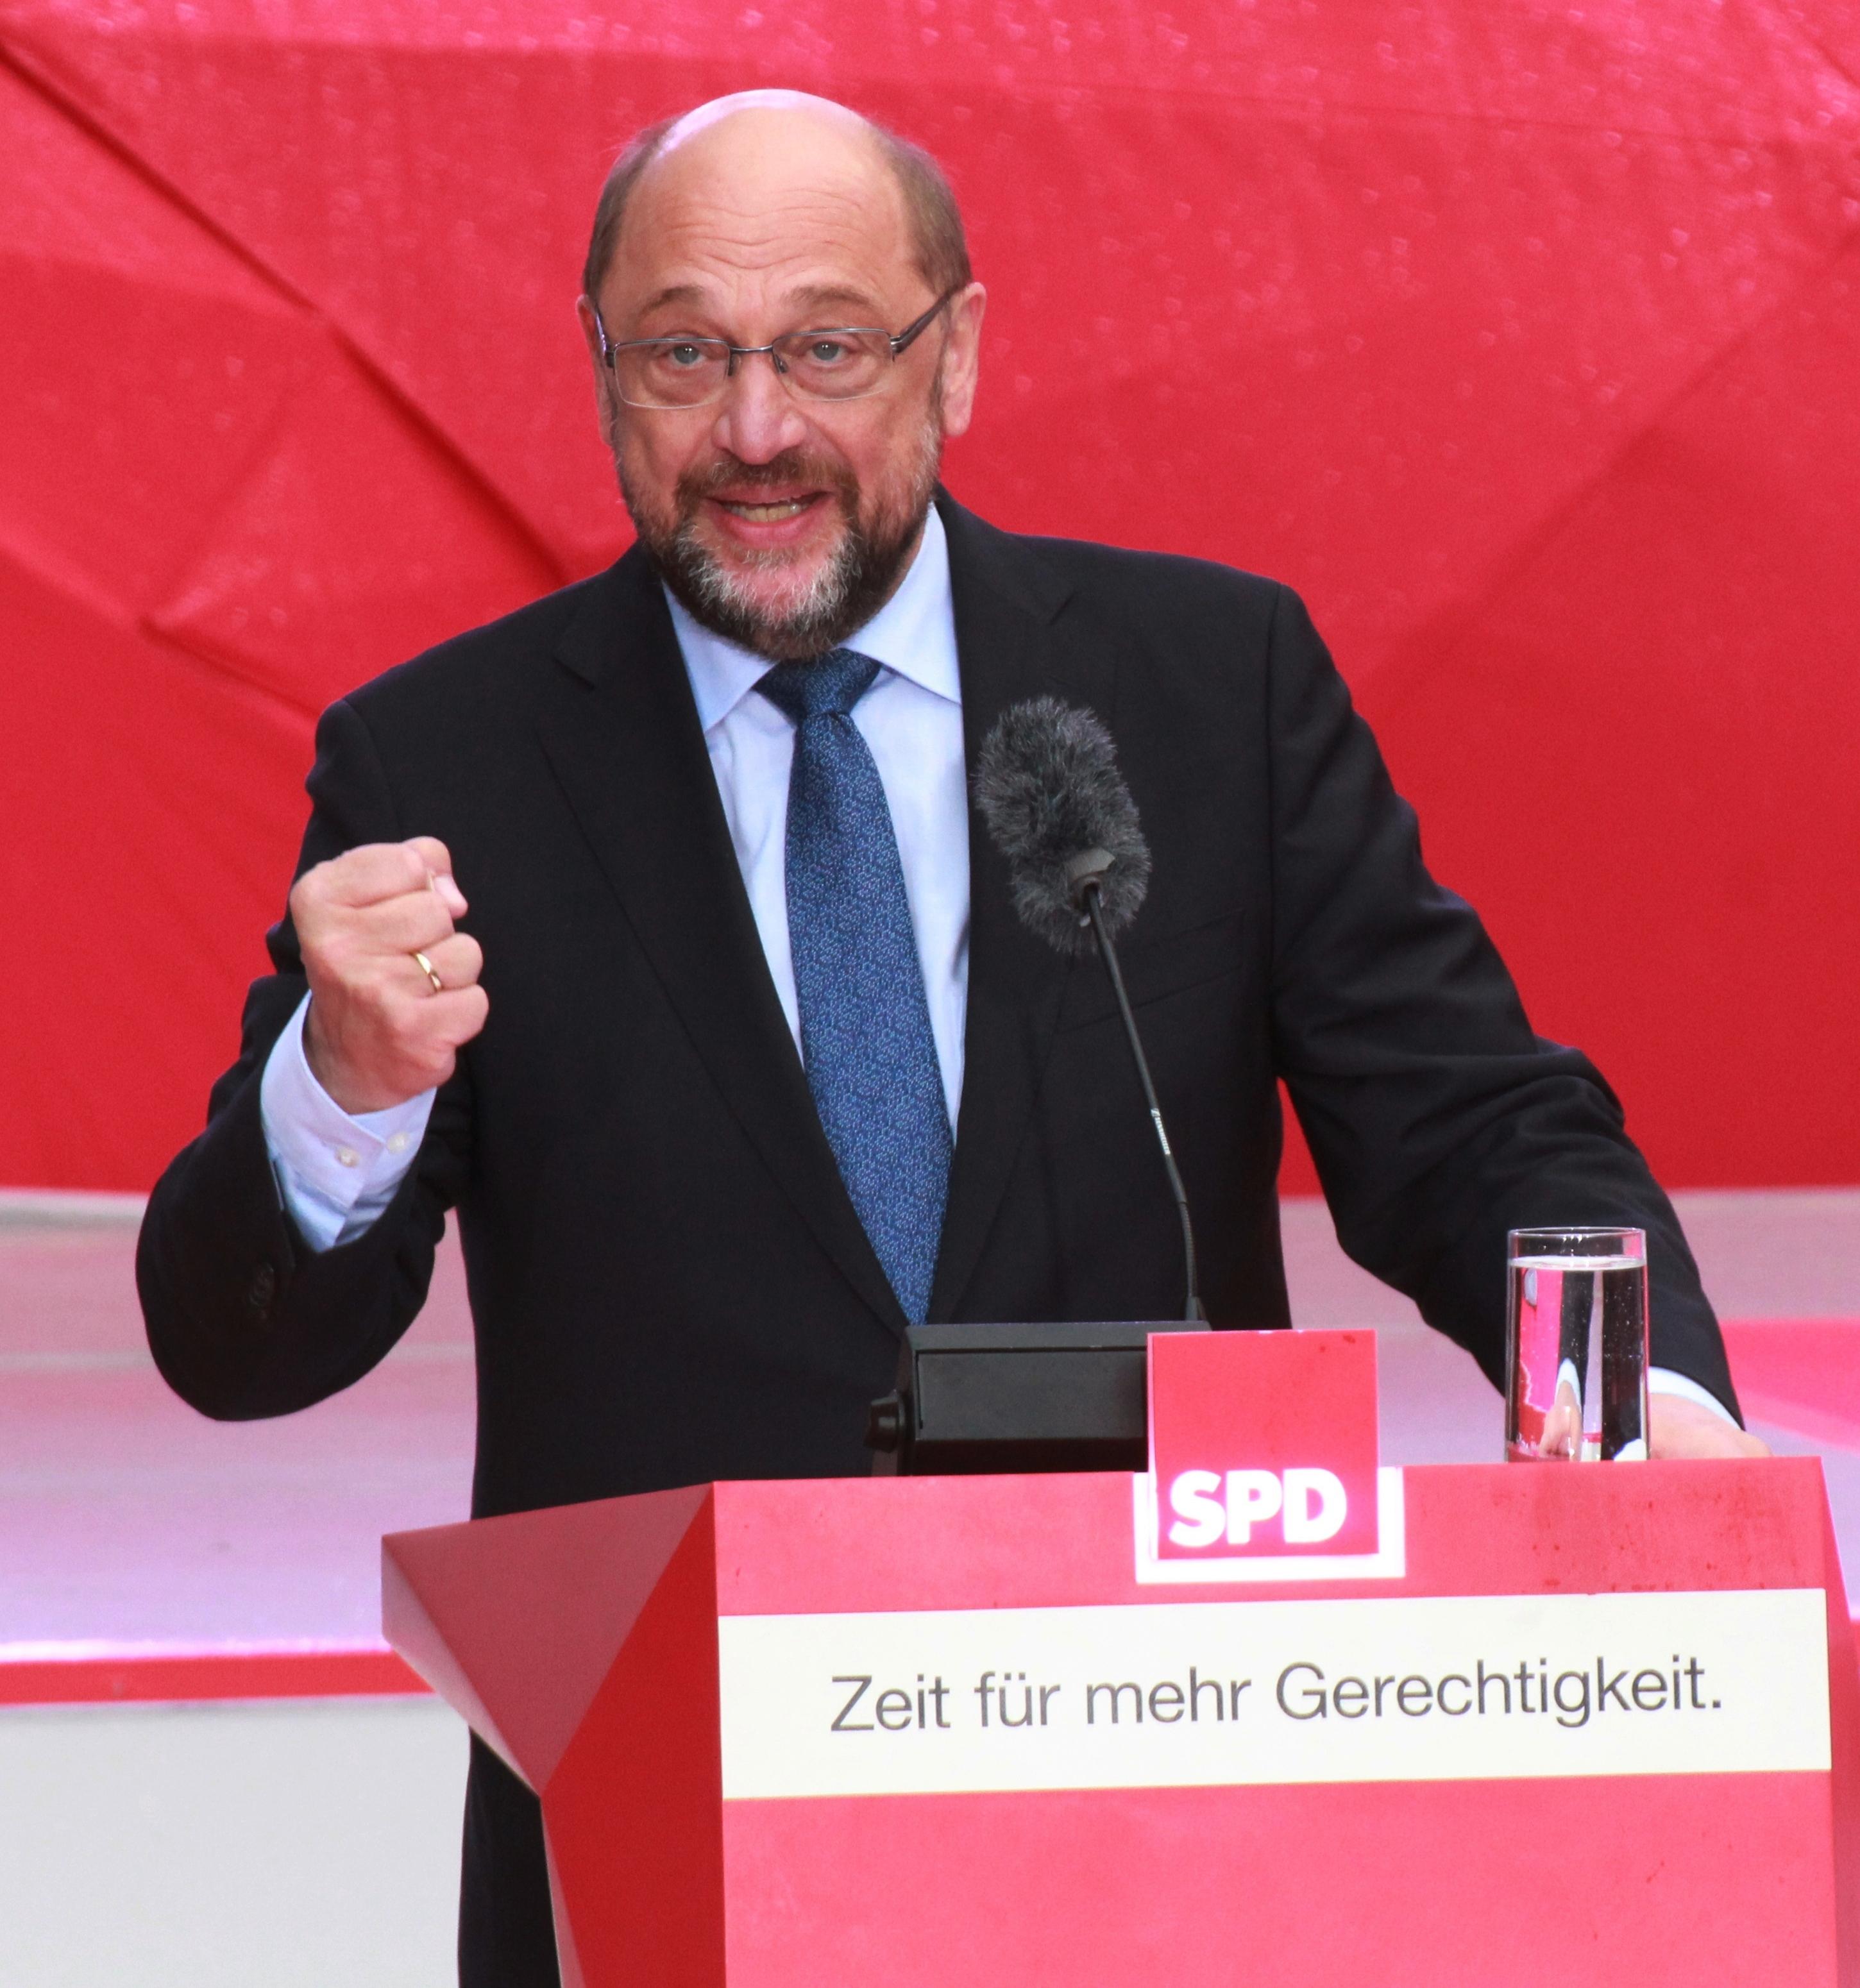 Martin Schulz Godot